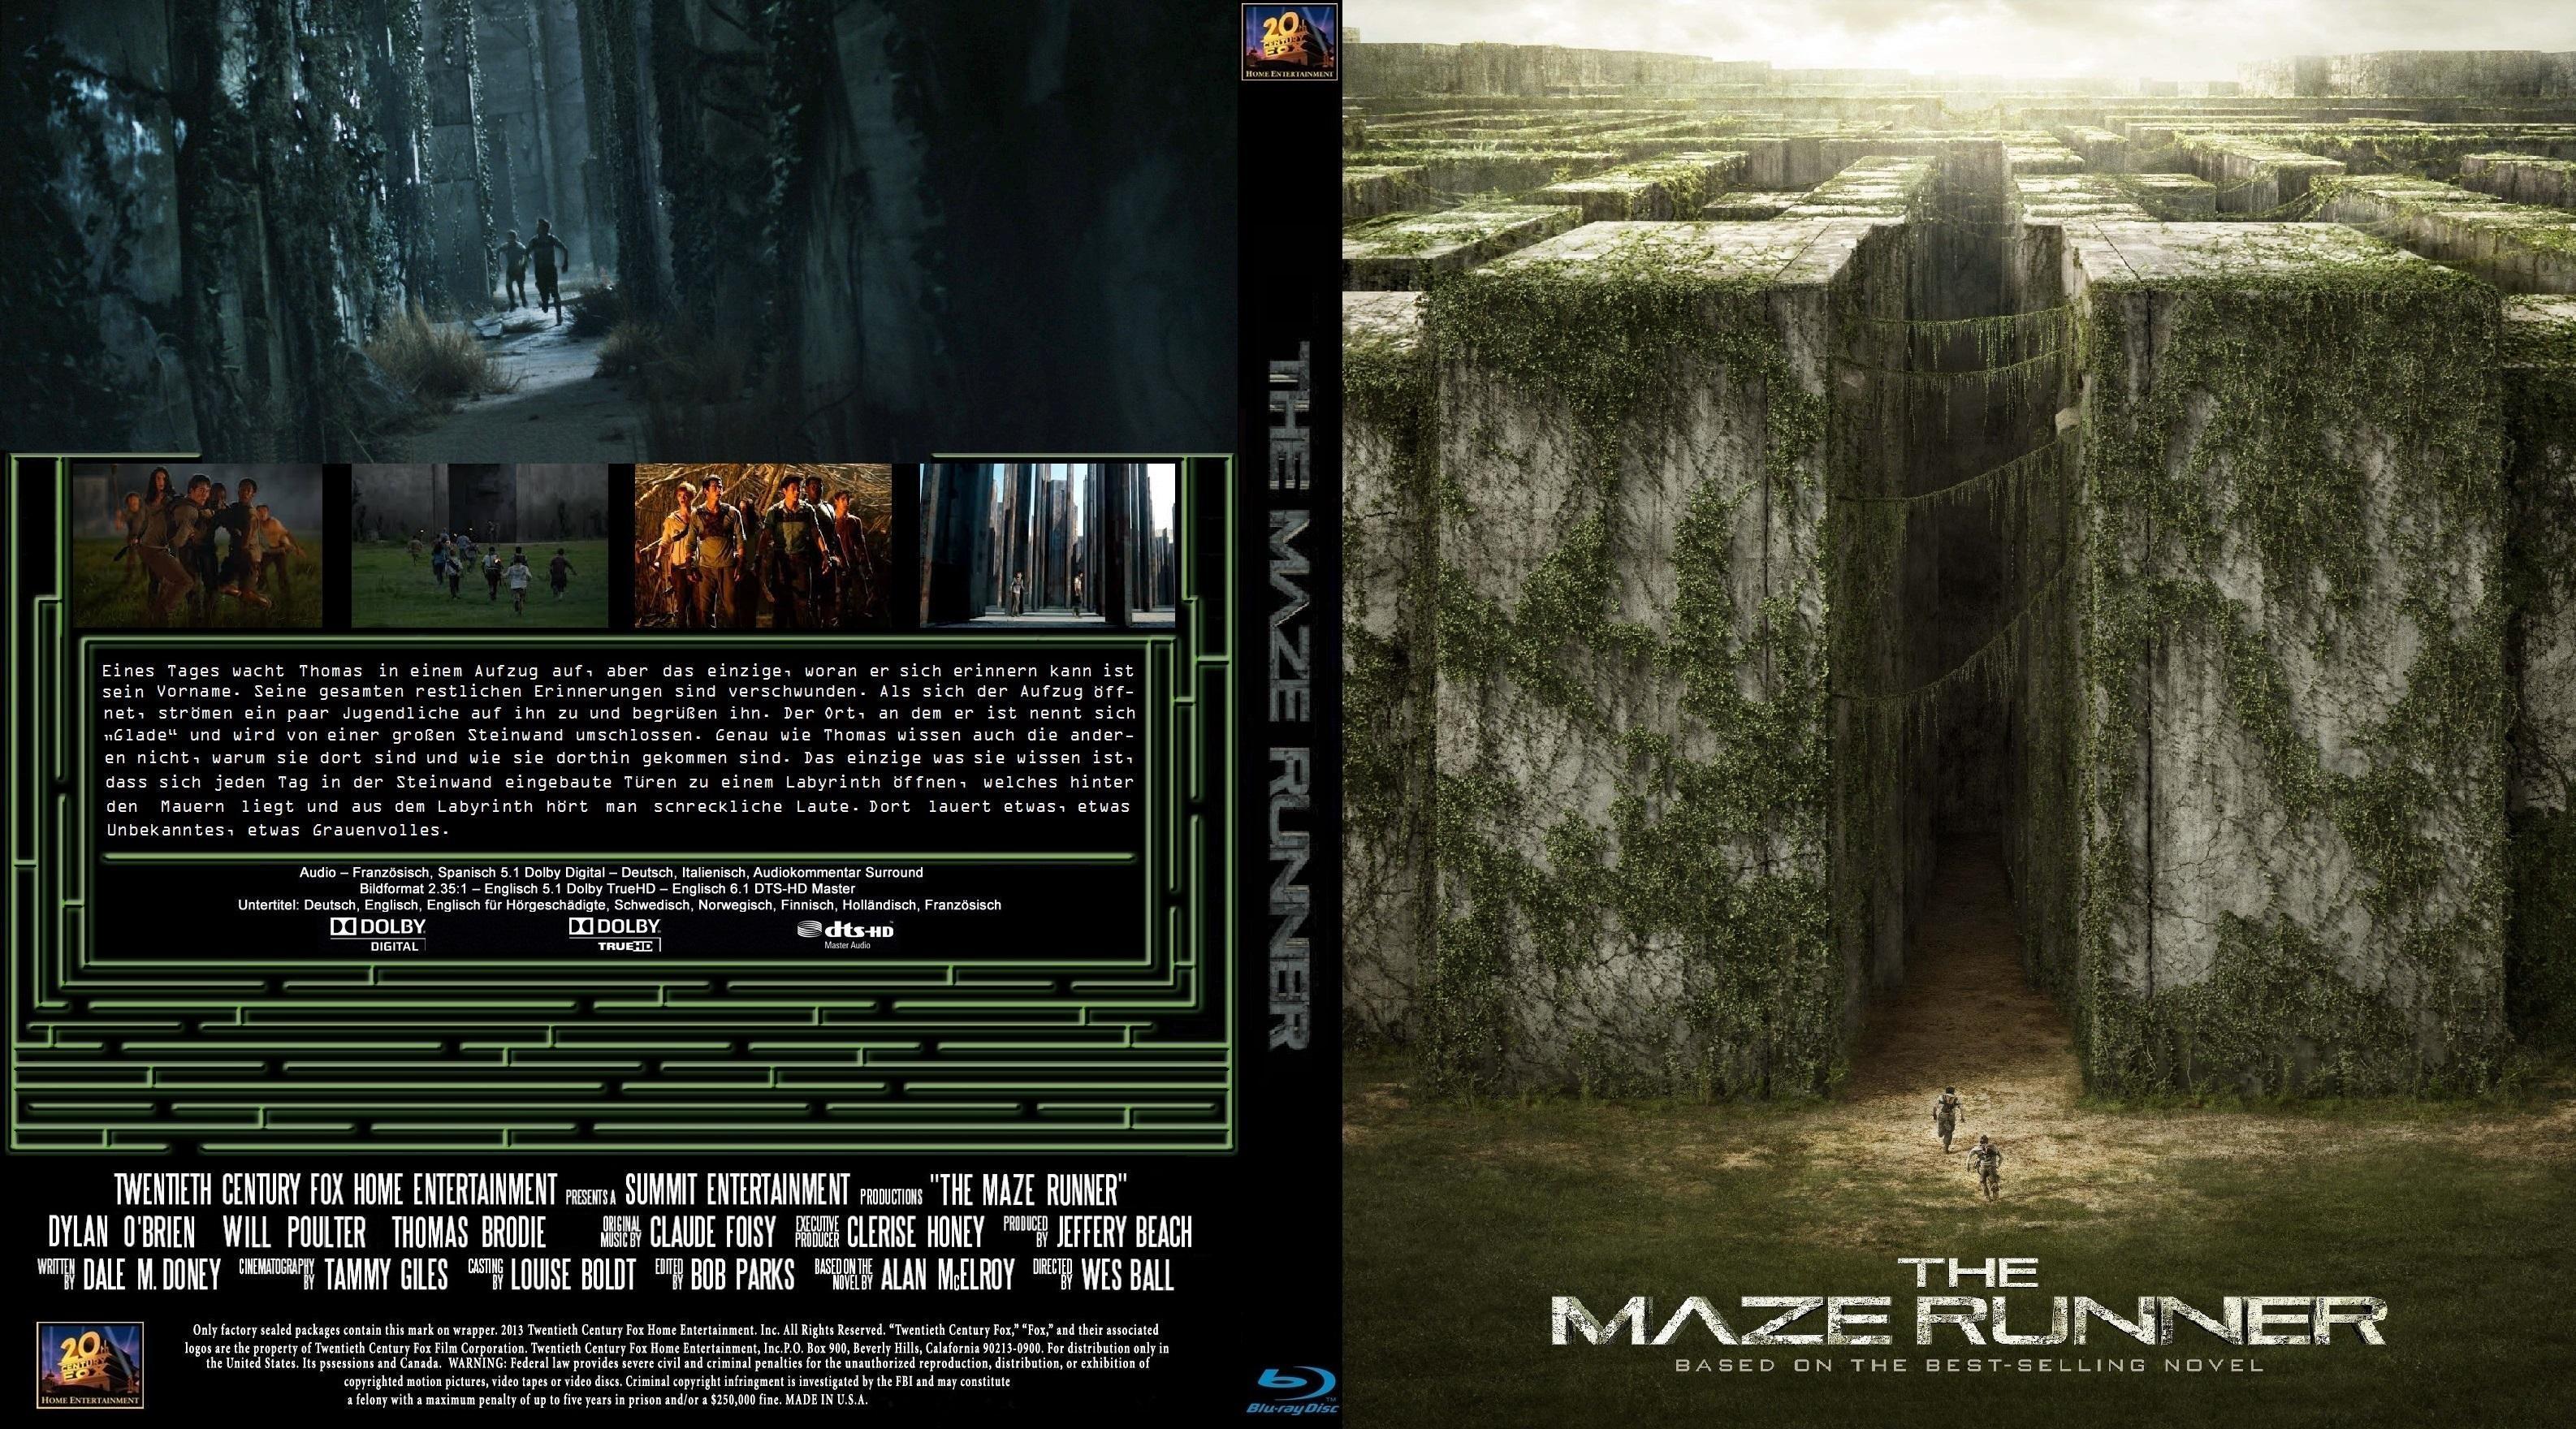 the maze runner book 1 pdf